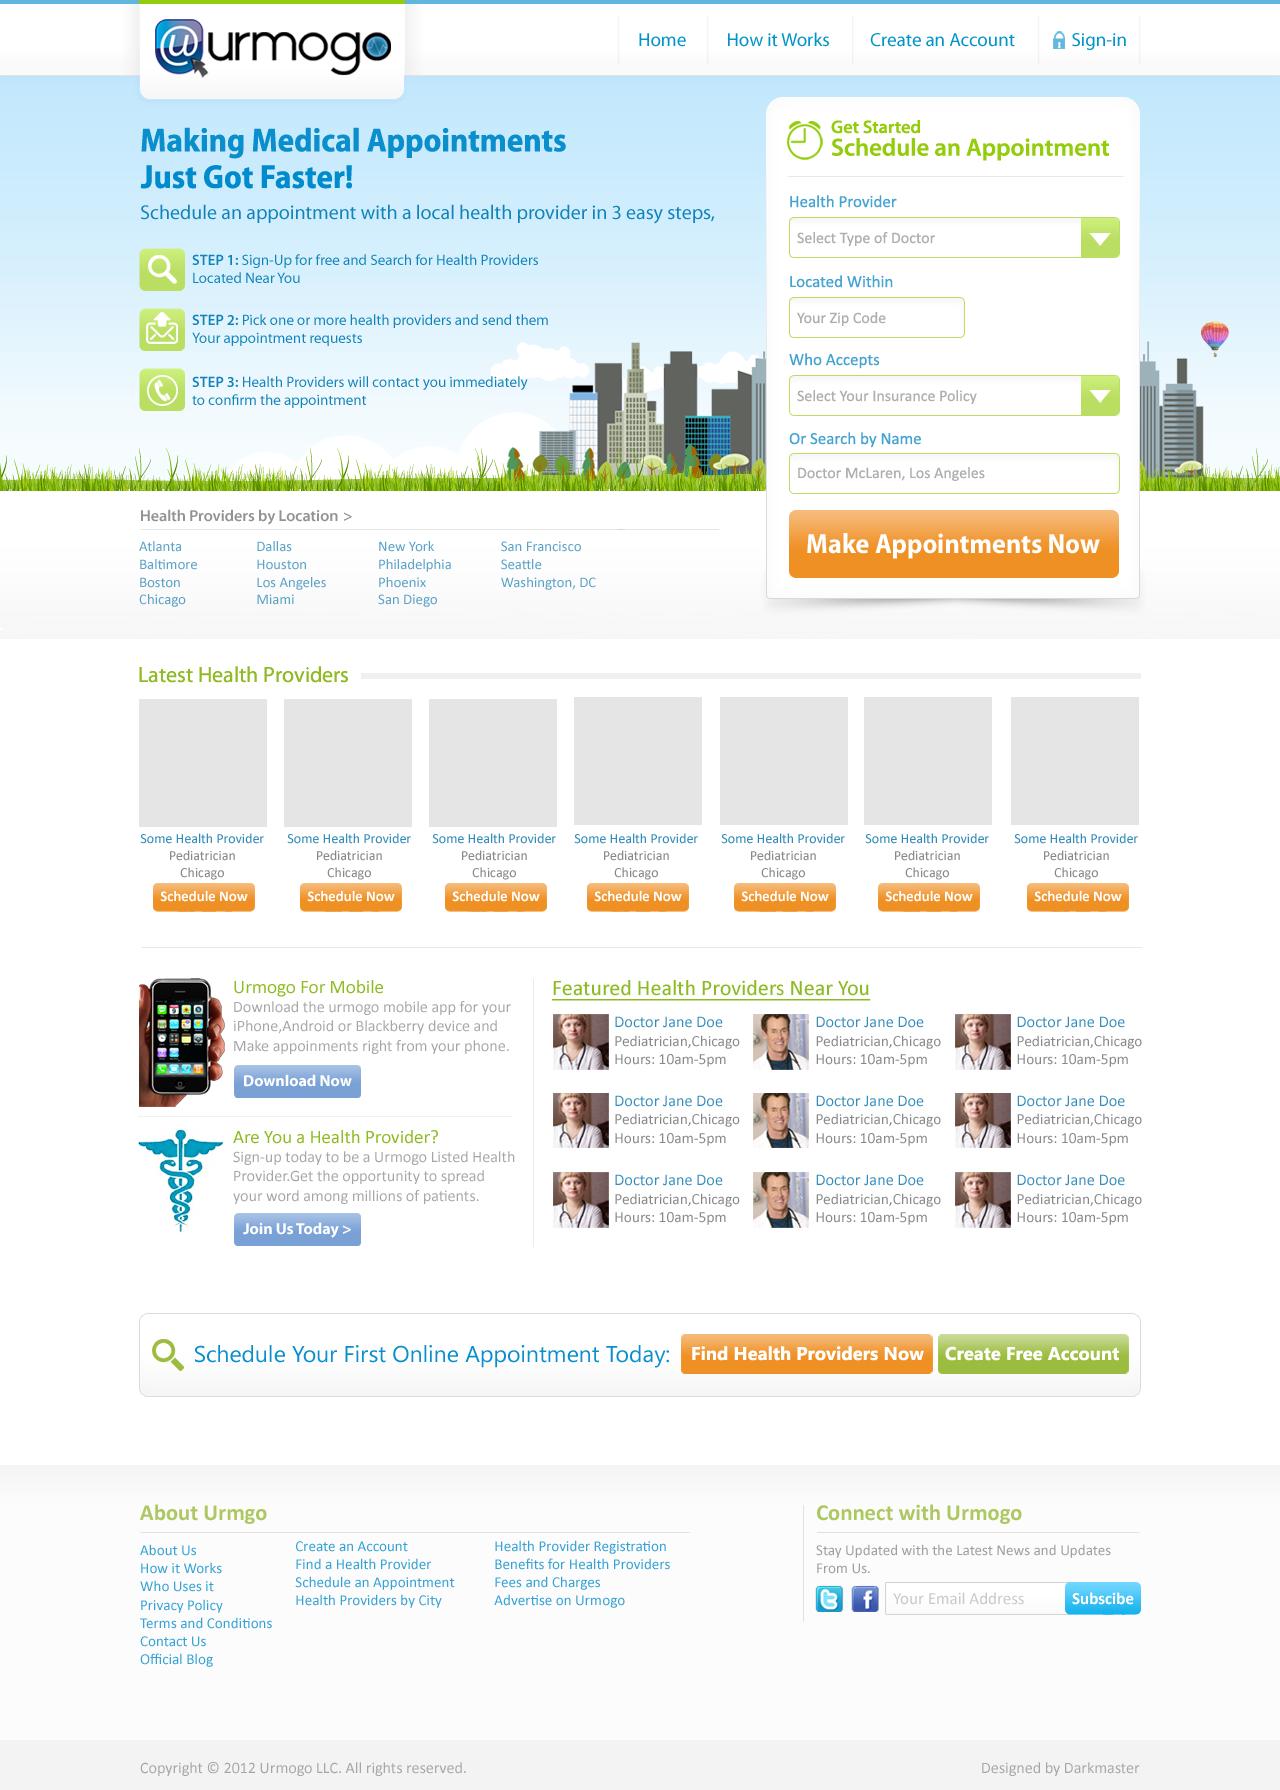 Urmogo needs a new website design